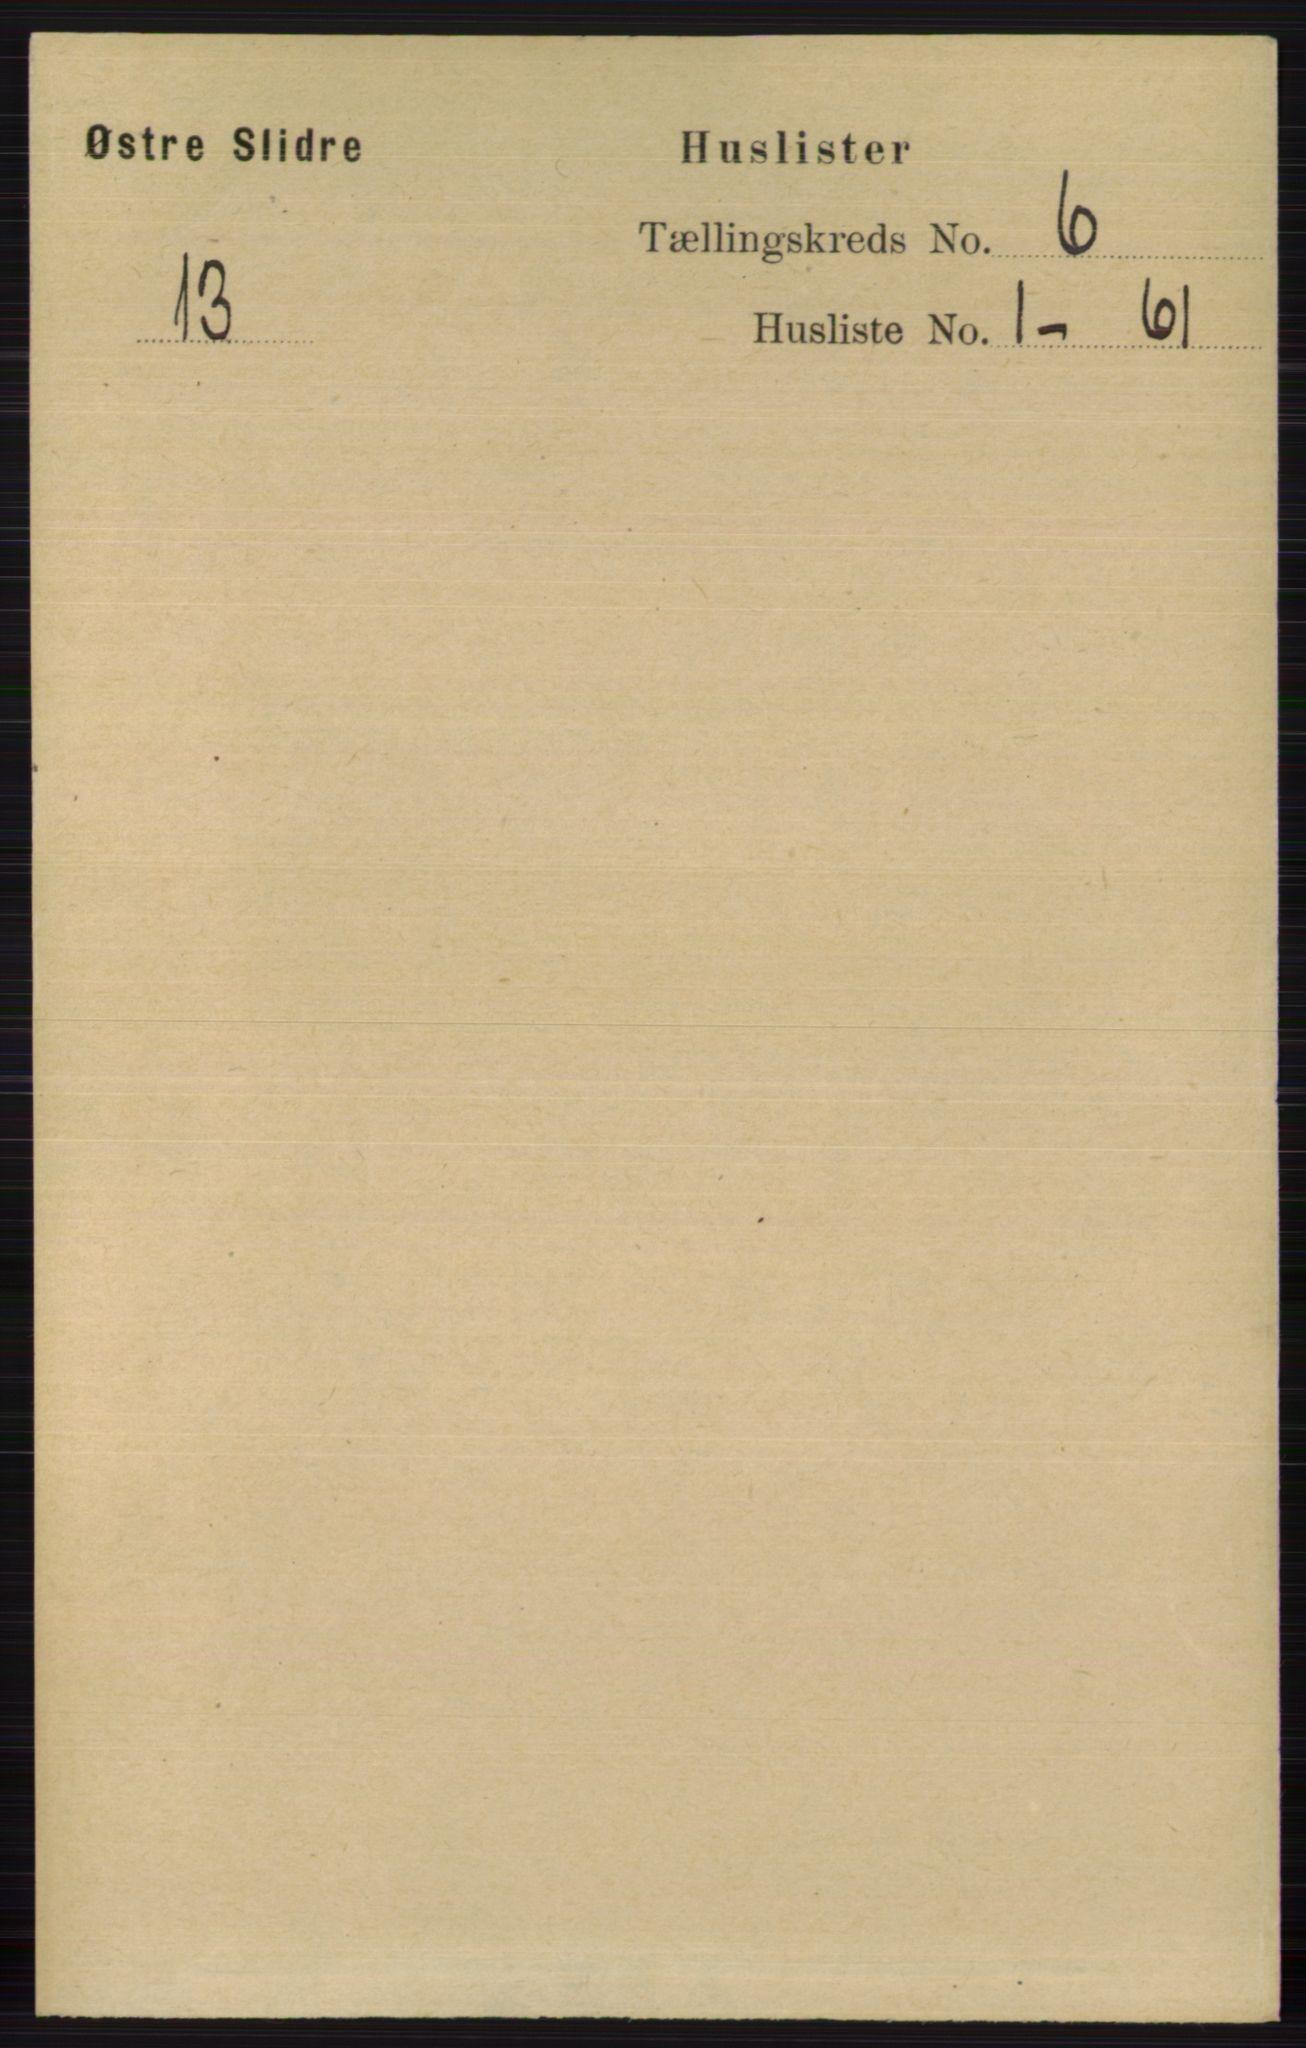 RA, Folketelling 1891 for 0544 Øystre Slidre herred, 1891, s. 1735